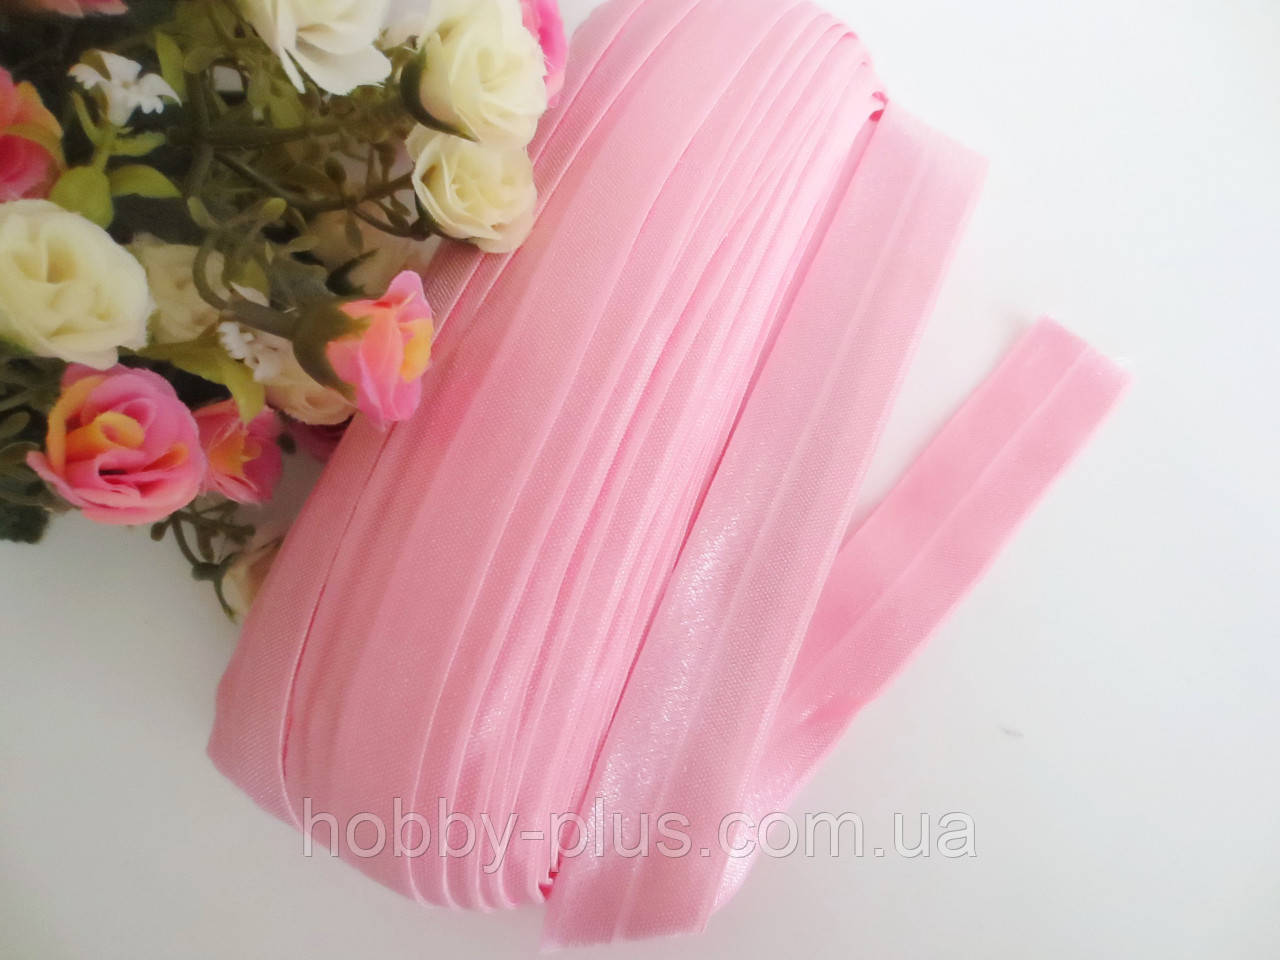 Бейка-резинка для повязок, светло-розовая, 25 мм